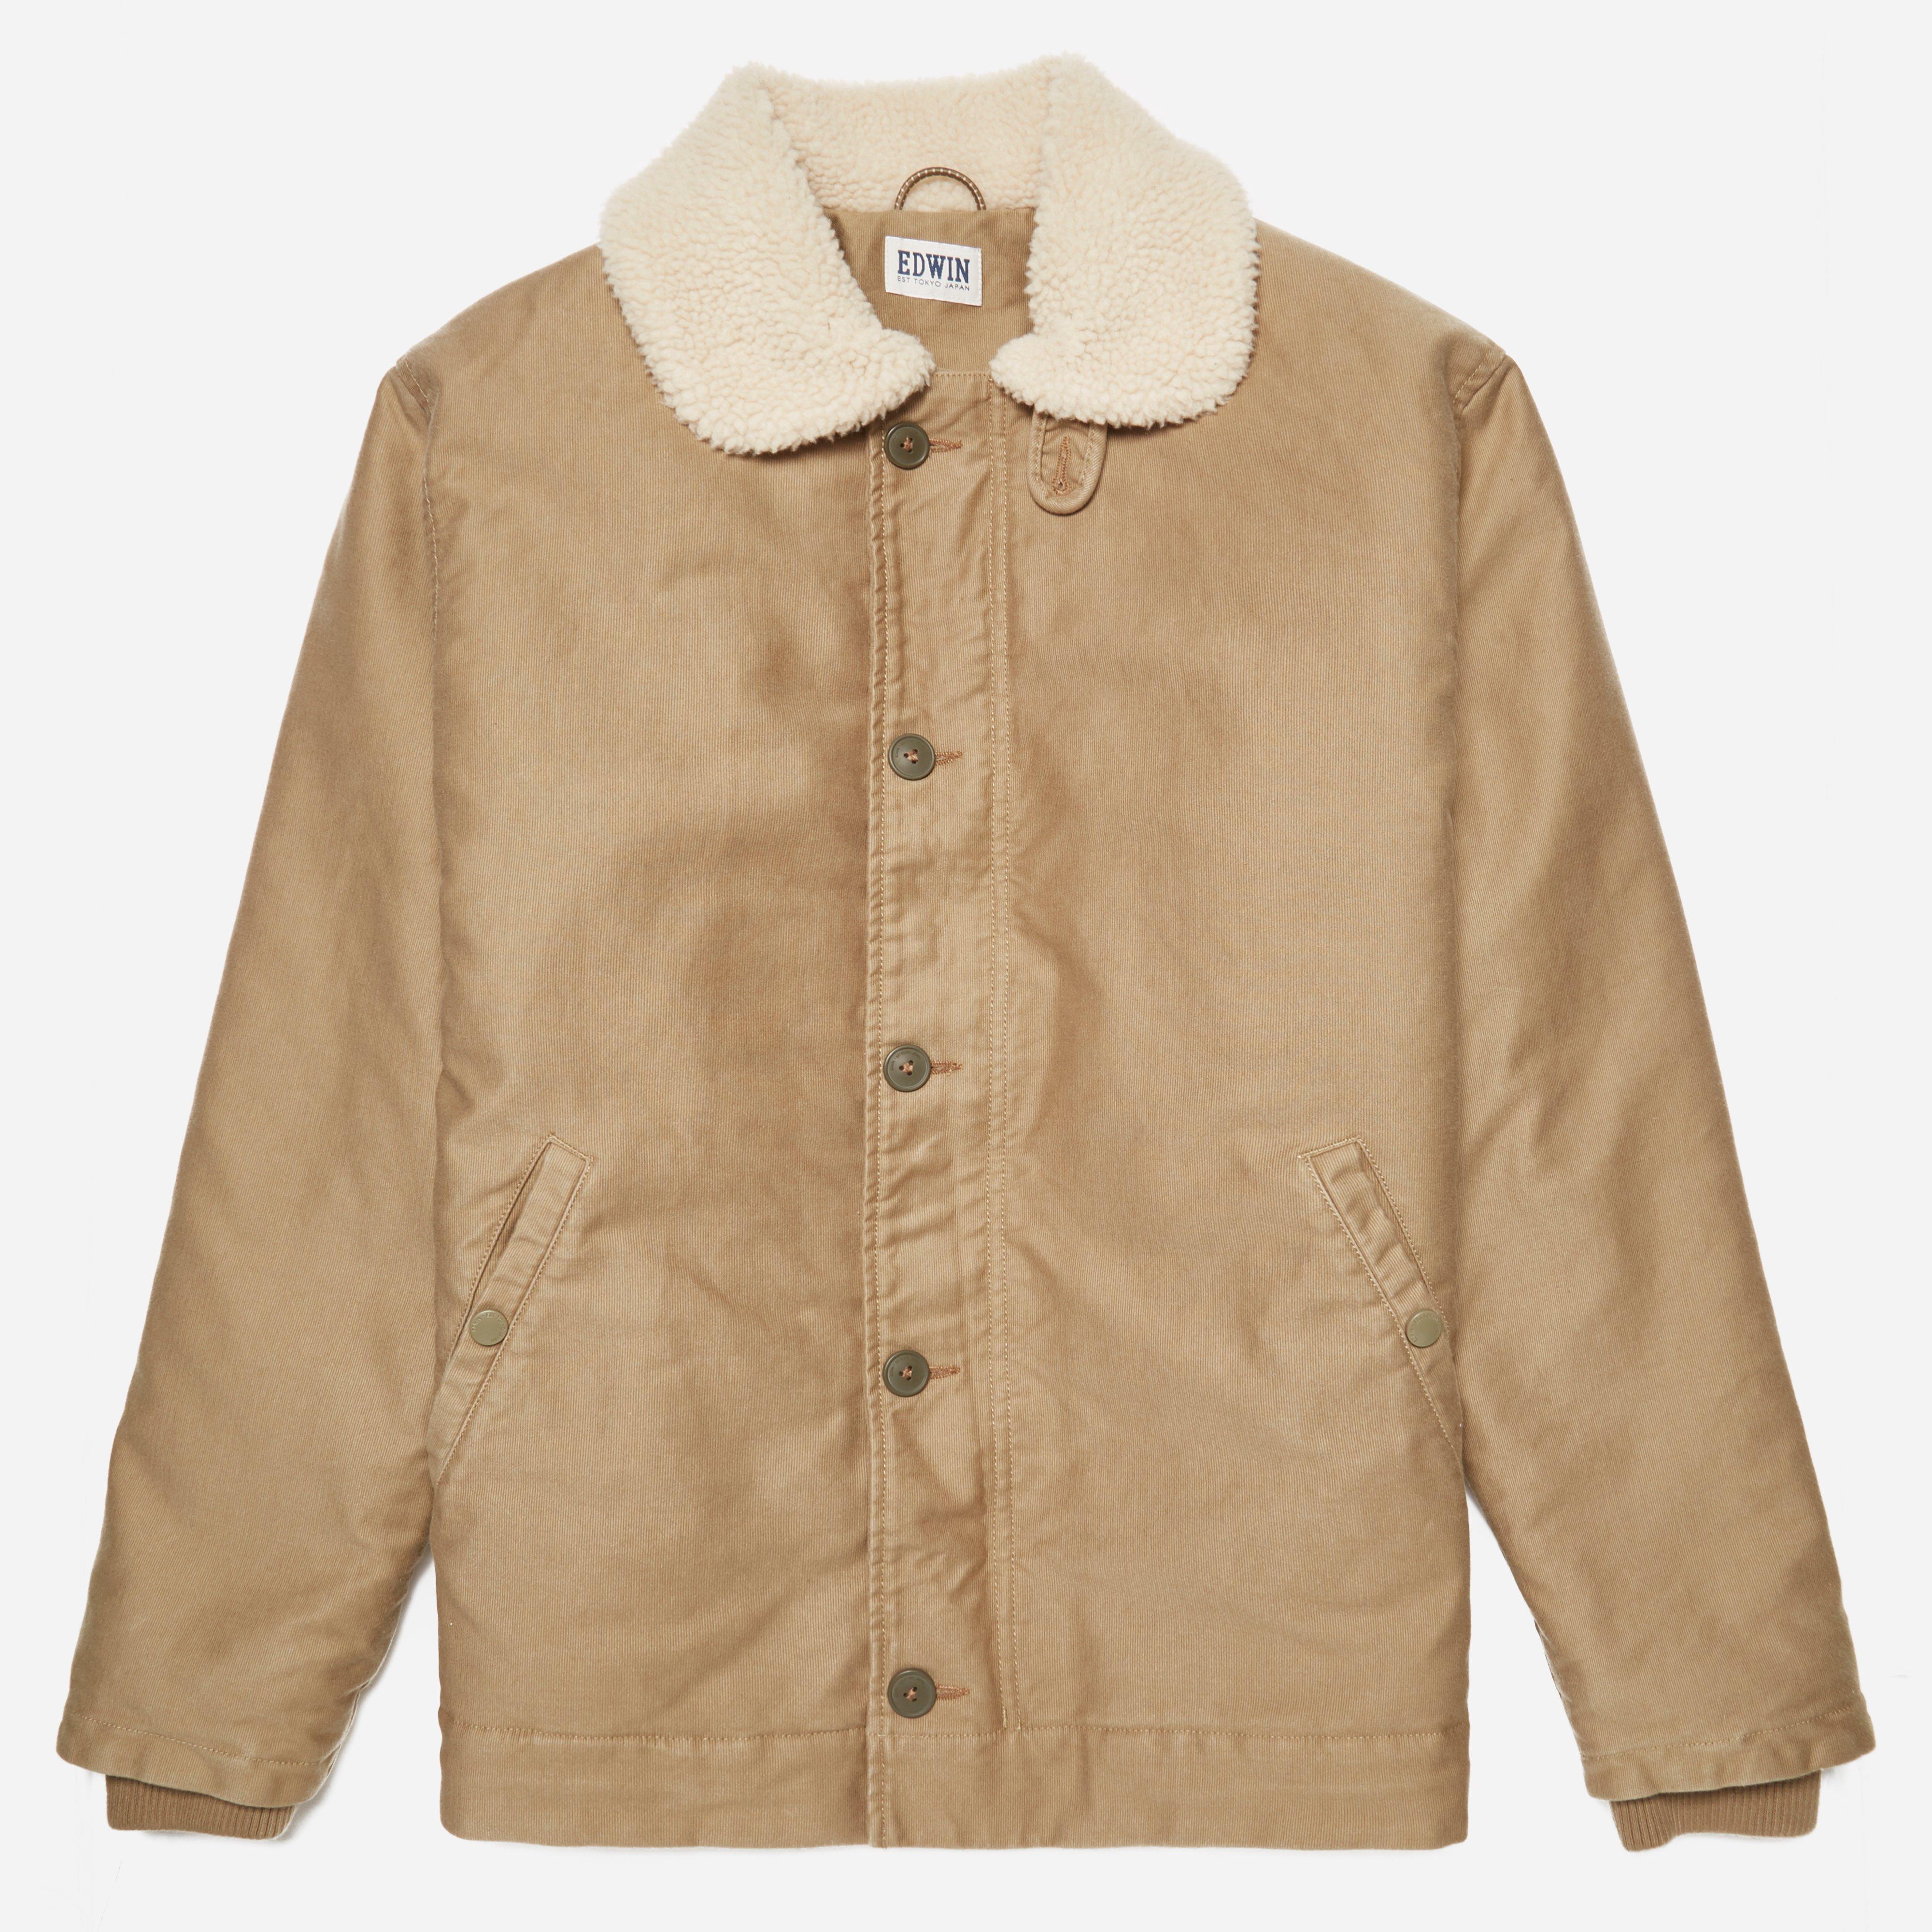 Edwin Bedford Twill ED Sheffield Jacket